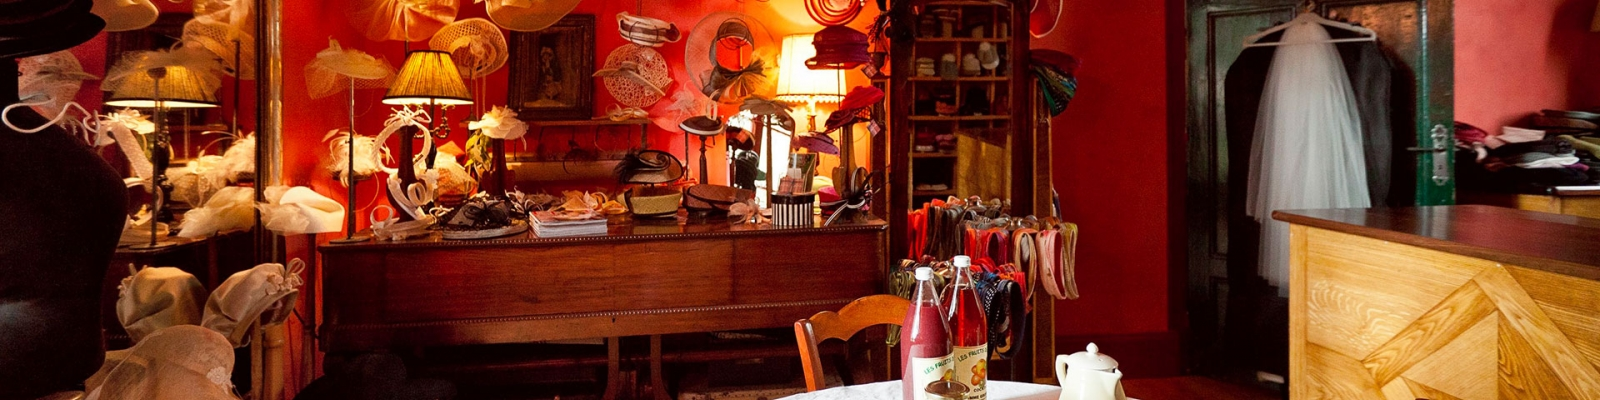 Chambres d'hôtes La Marronnière, Tain l'Hermitage (26)